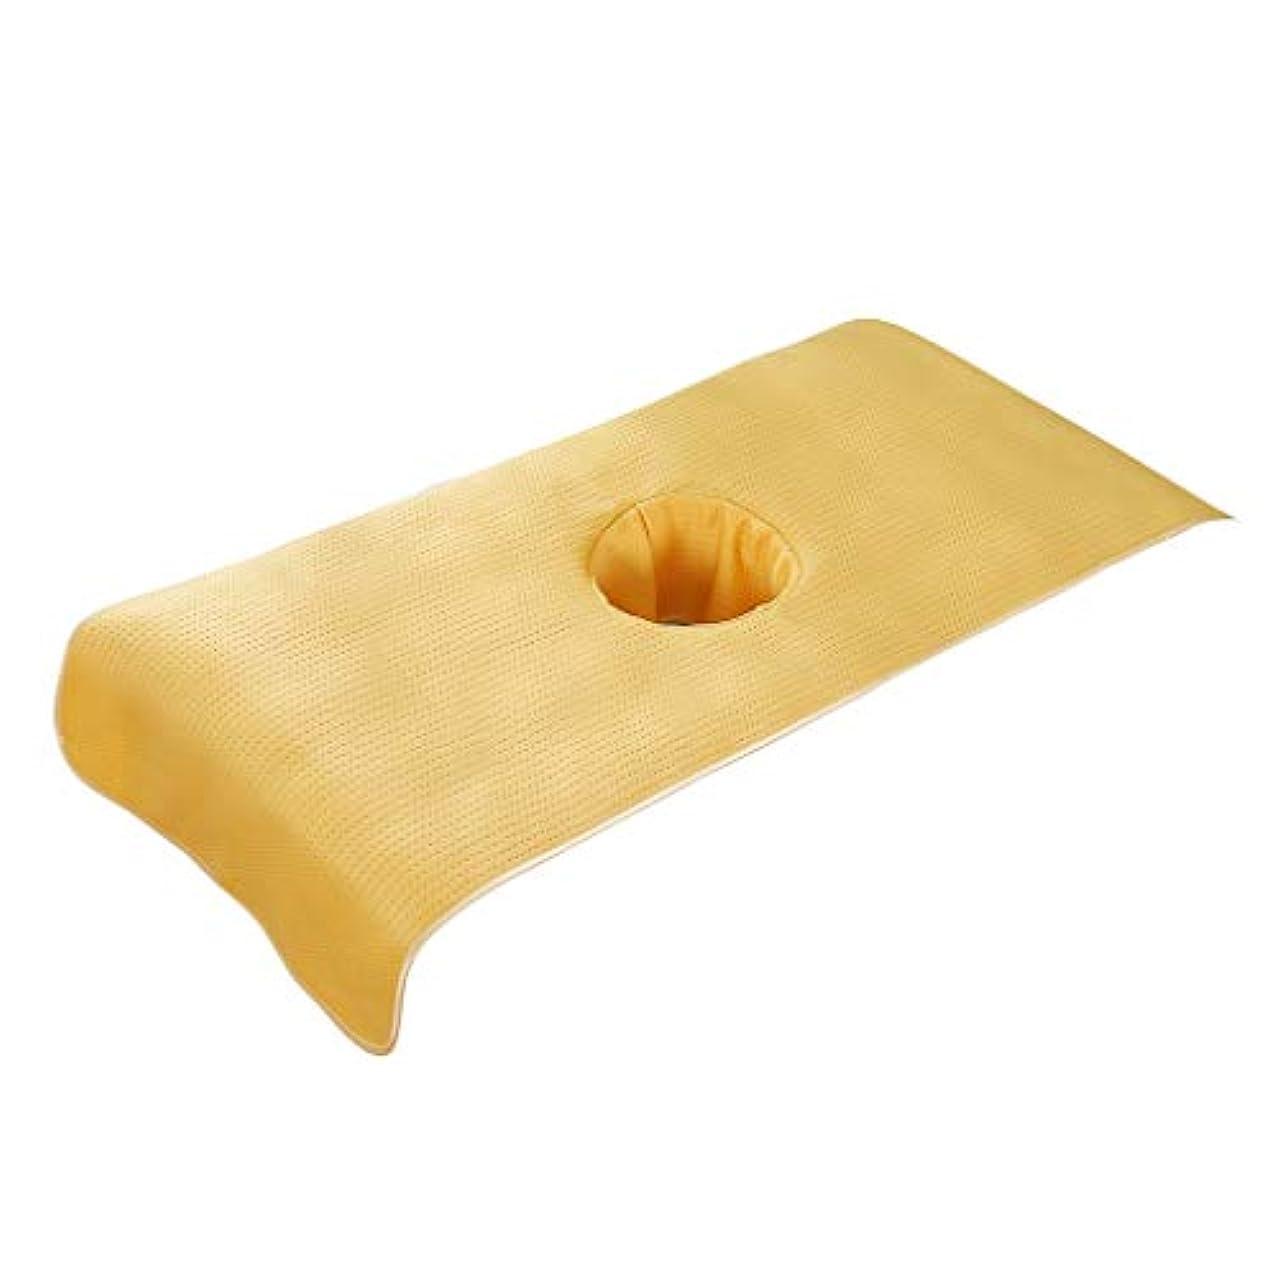 後悔インゲン冷笑するPETSOLA 高品質 マッサージベッドカバー 有孔 美容ベッドカバー マッサージテーブルスカート SPA ベッドシーツ - 黄